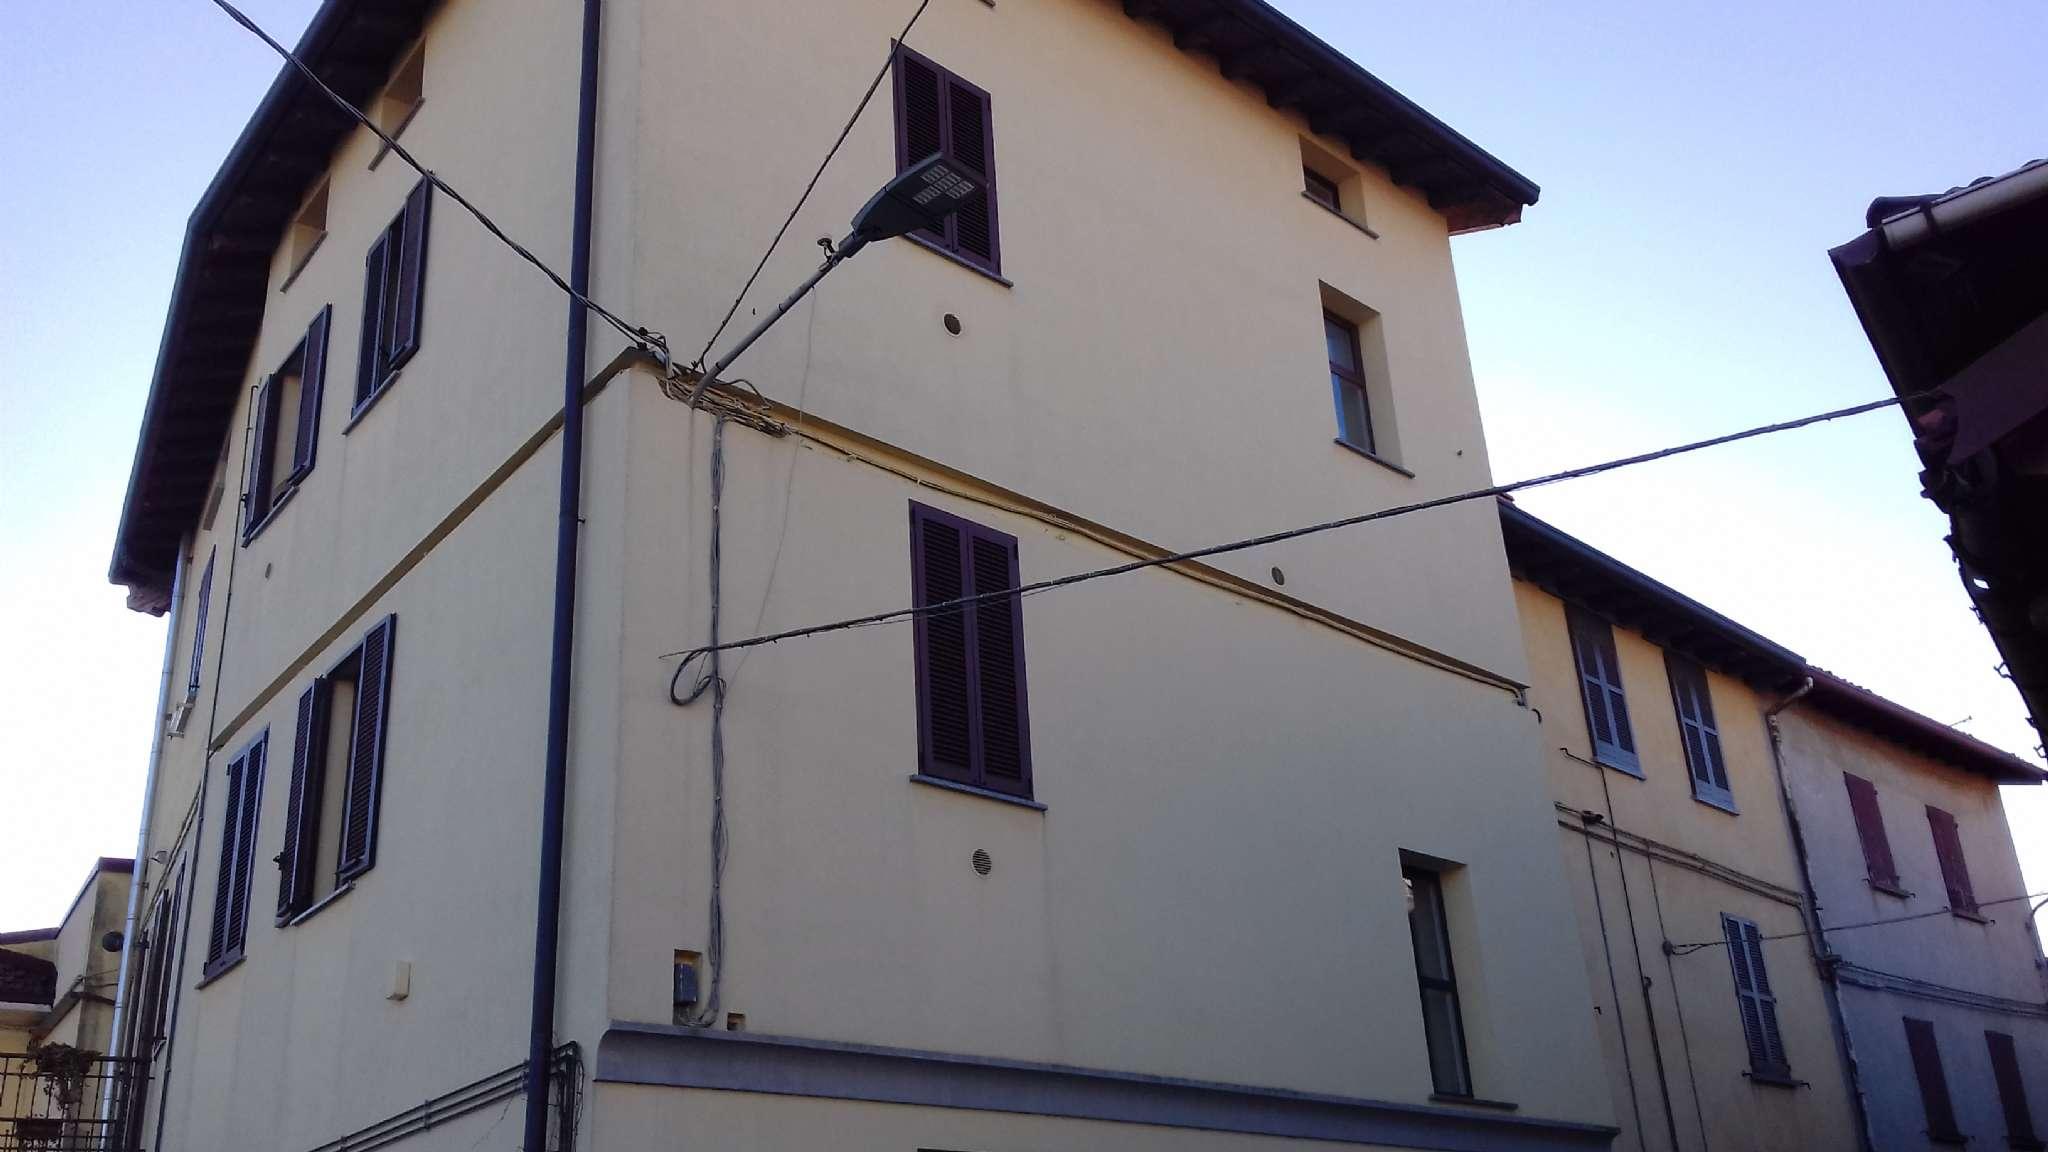 Bilocale mansardato in mini palazzina con vista panoramica